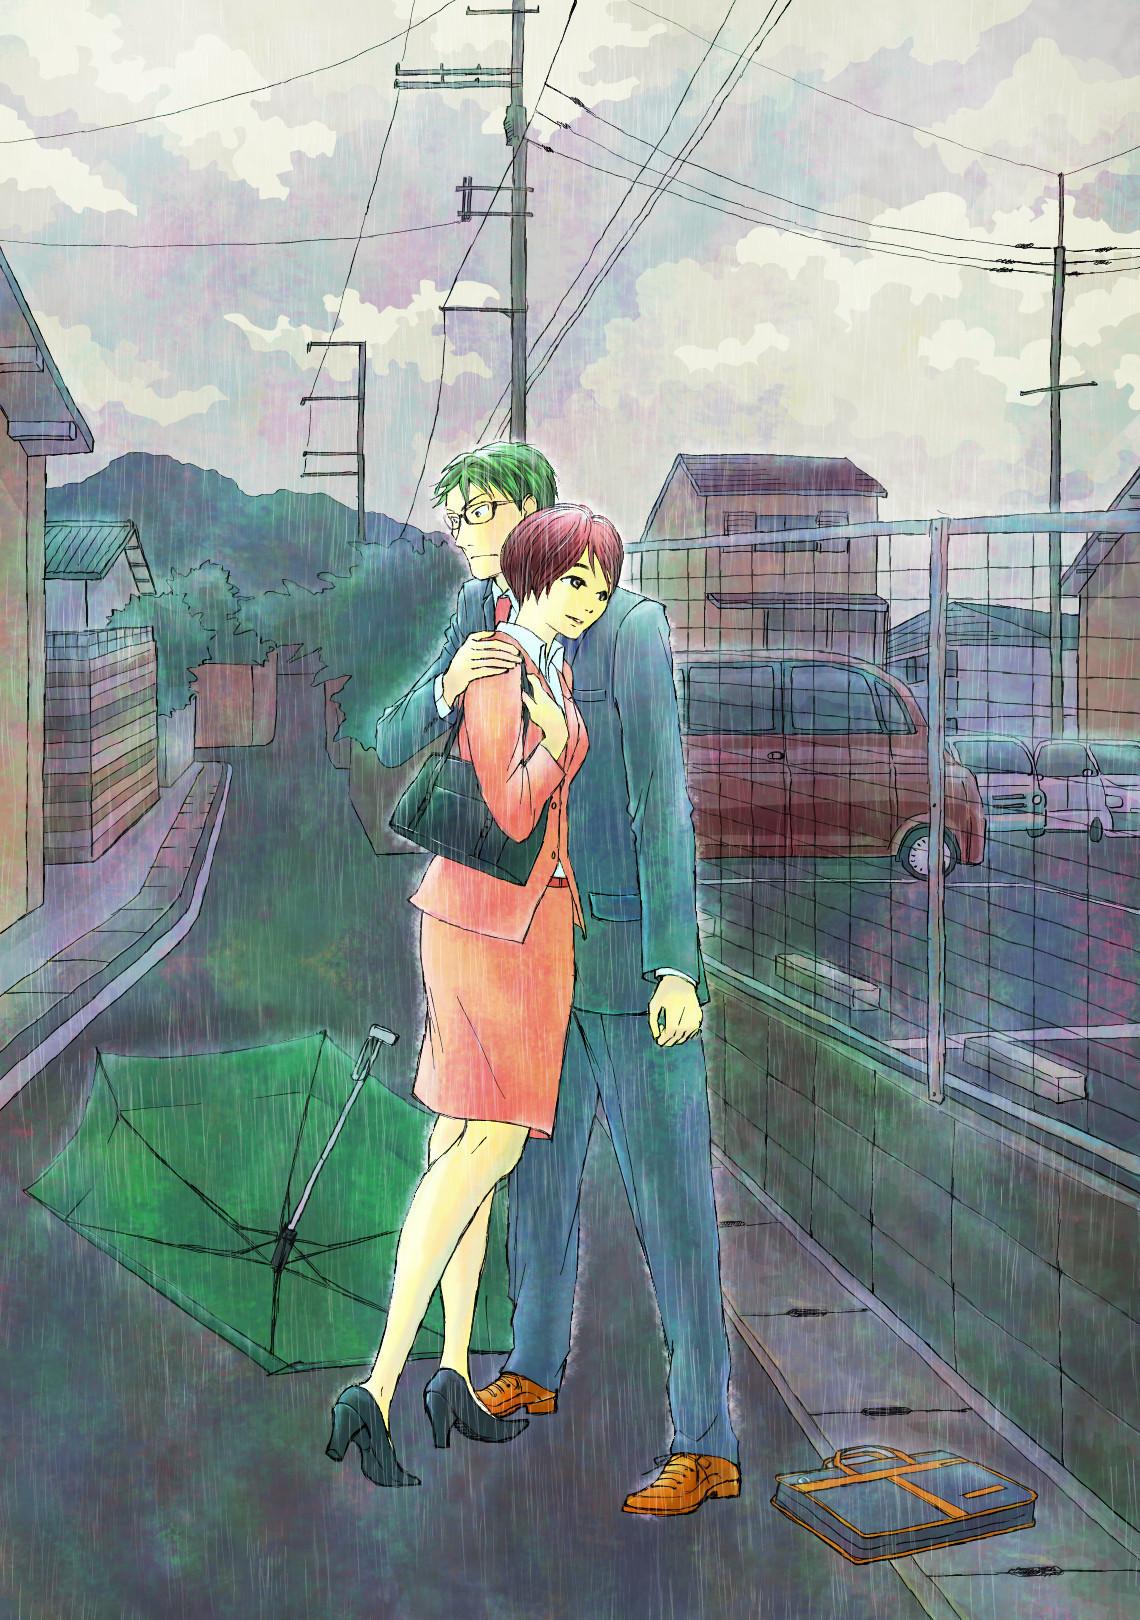 私がスキなのは、優しく降る霧雨のような人。あなたは、雨に似ている。